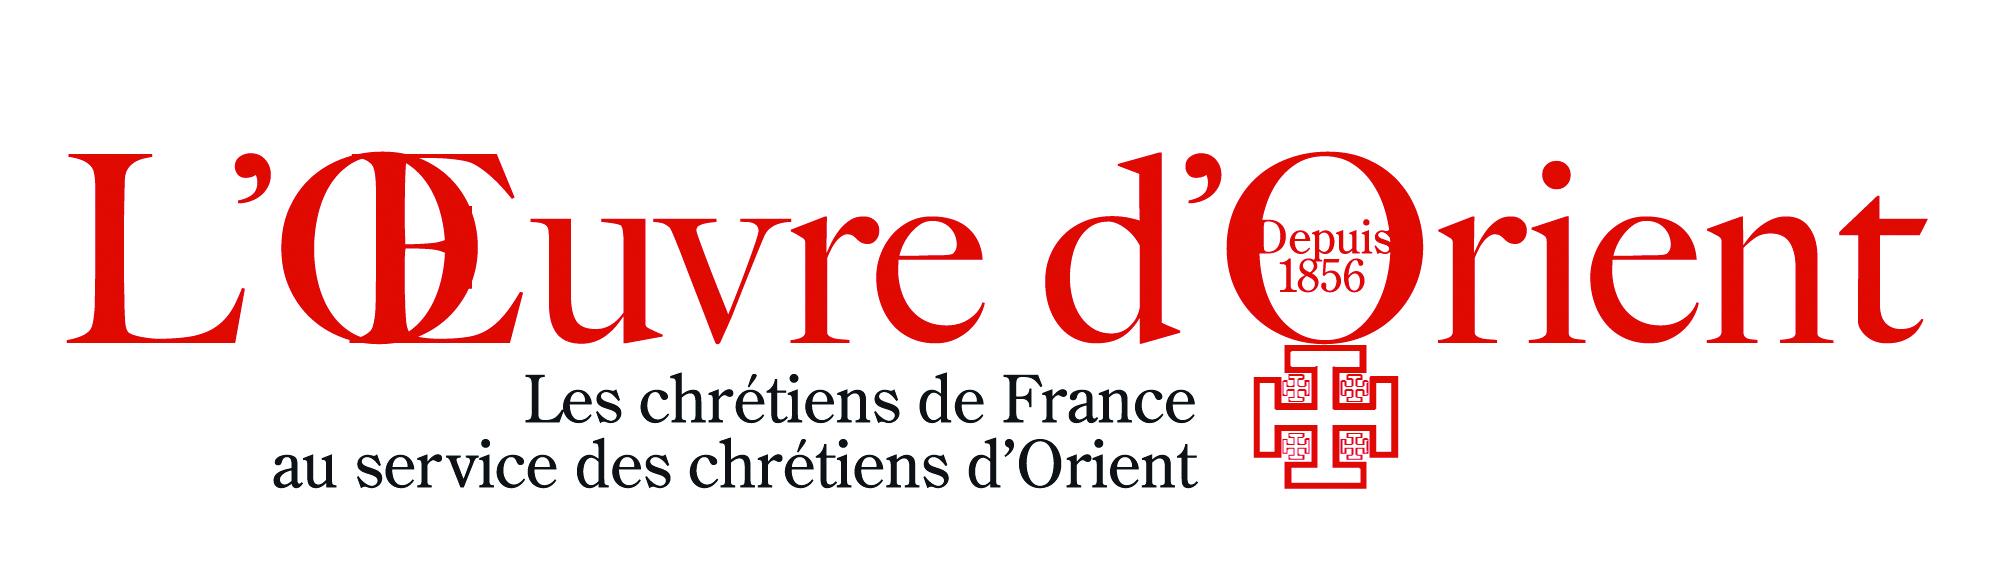 Conférence sur la situation des Chrétiens d'Orient le 16 décembre 2019 à Nancy (54)